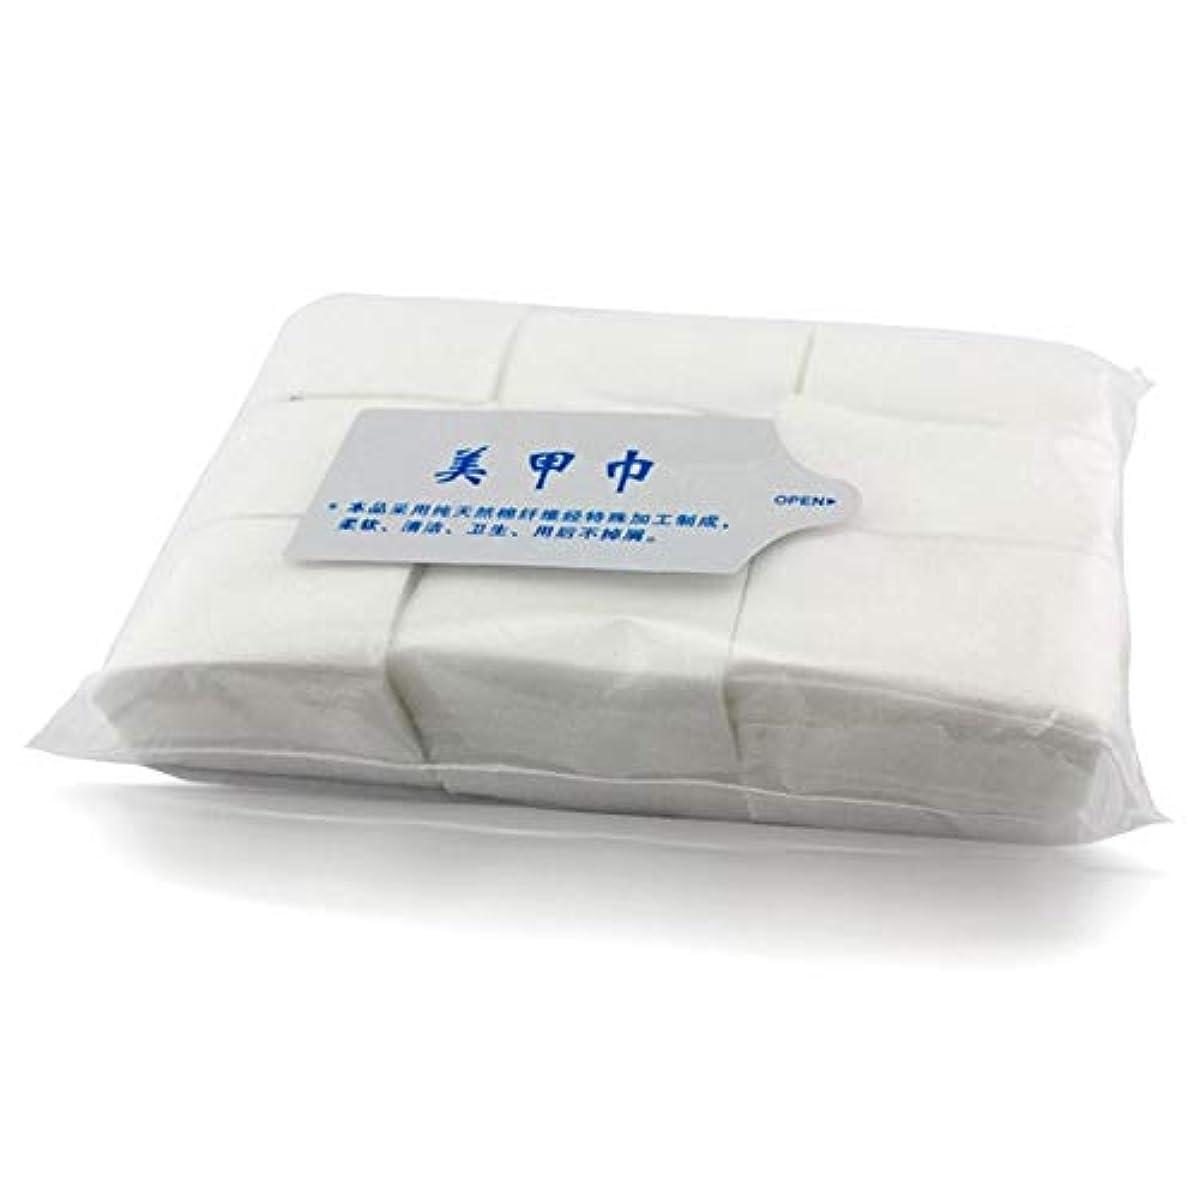 ネイルワイプ 天然素材不織布 900枚入り コットン ワイプ/ジェル ネイル マニュキア オフ (2pack)